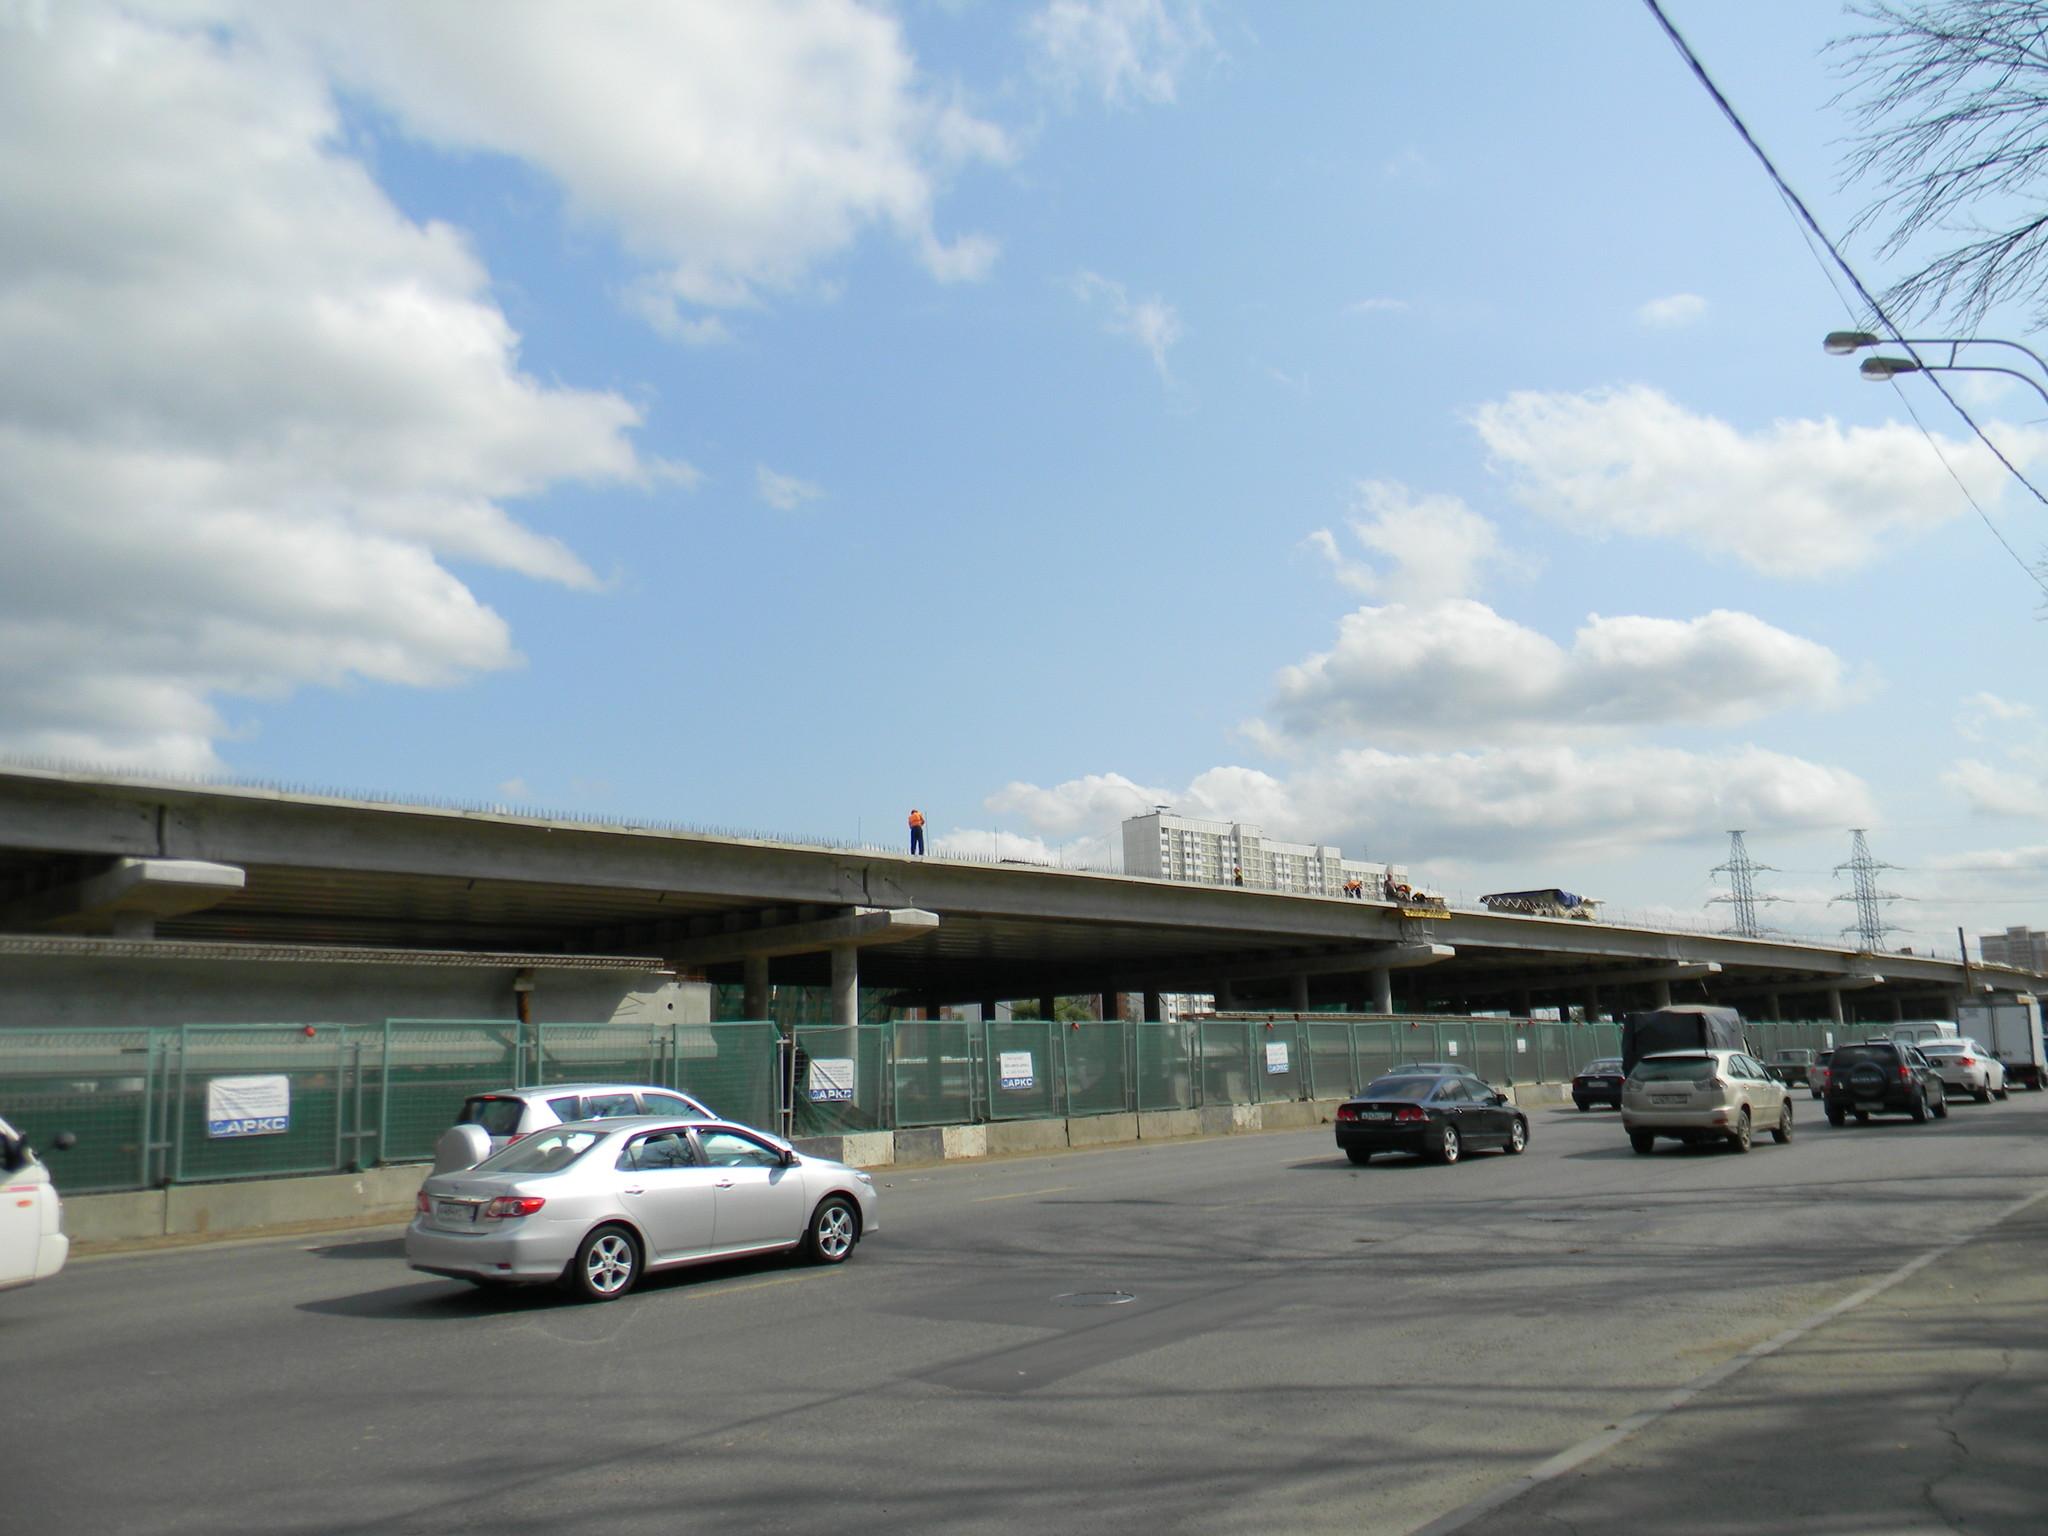 Развязка на пересечении Дмитровского шоссе с Долгопрудненским шоссе